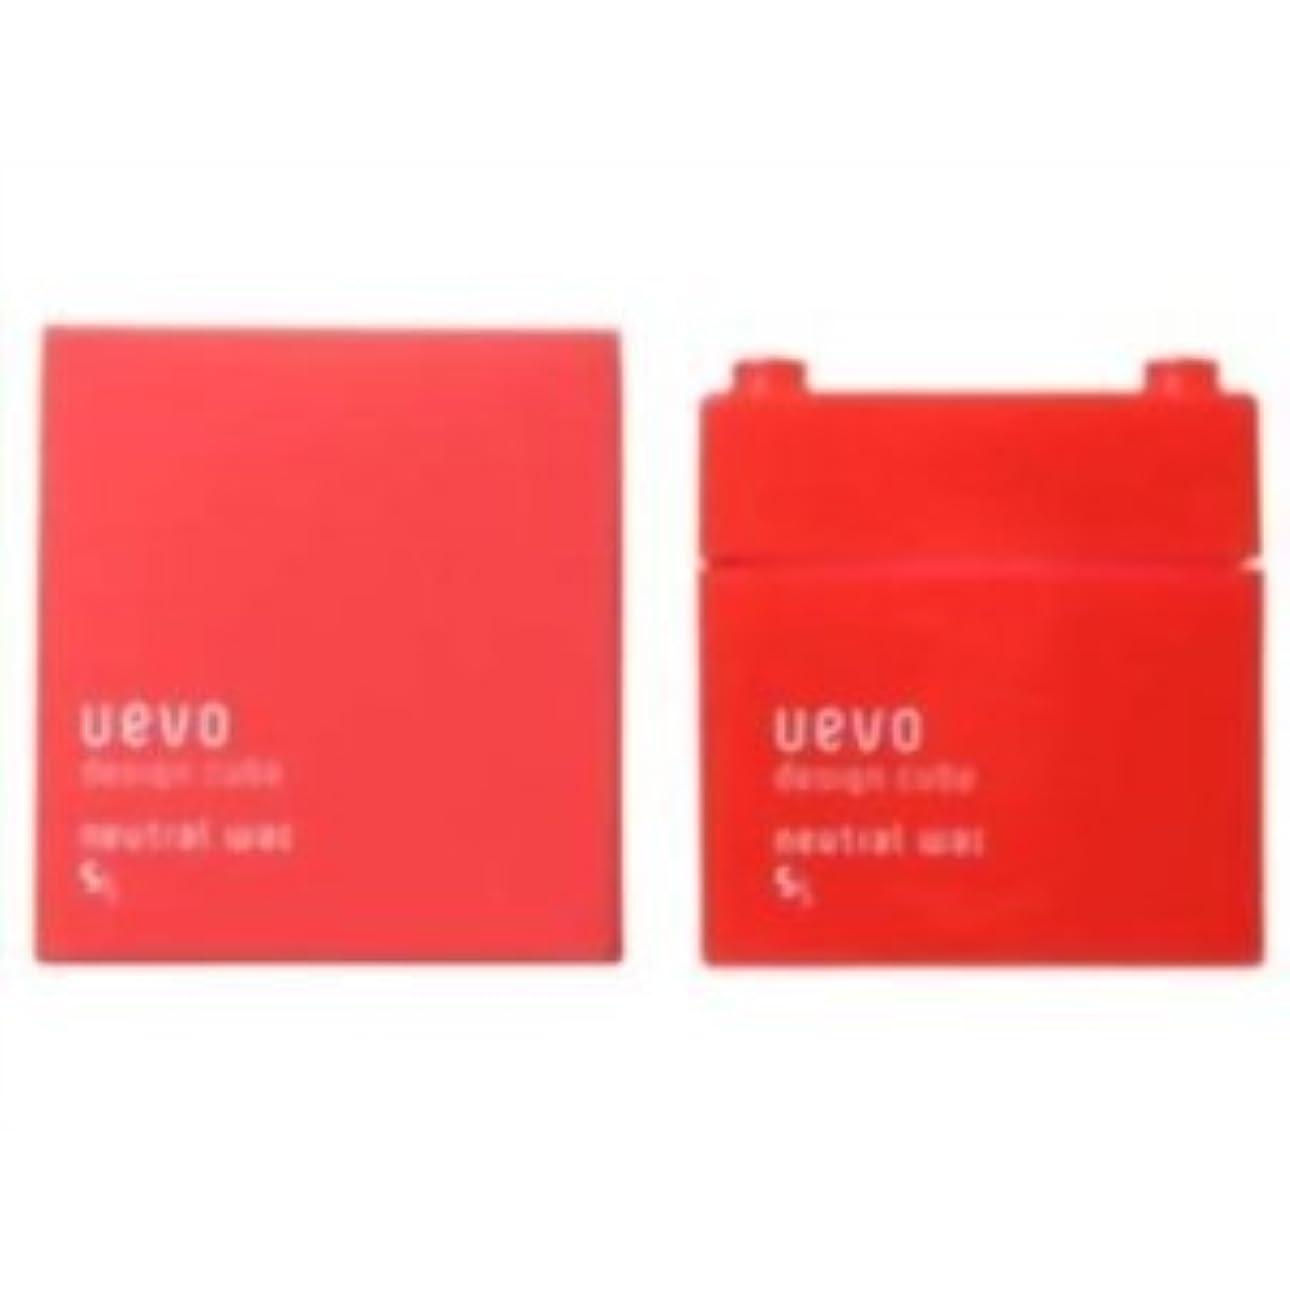 巻き戻すバンカーロープ【X3個セット】 デミ ウェーボ デザインキューブ ニュートラルワックス 80g neutral wax DEMI uevo design cube